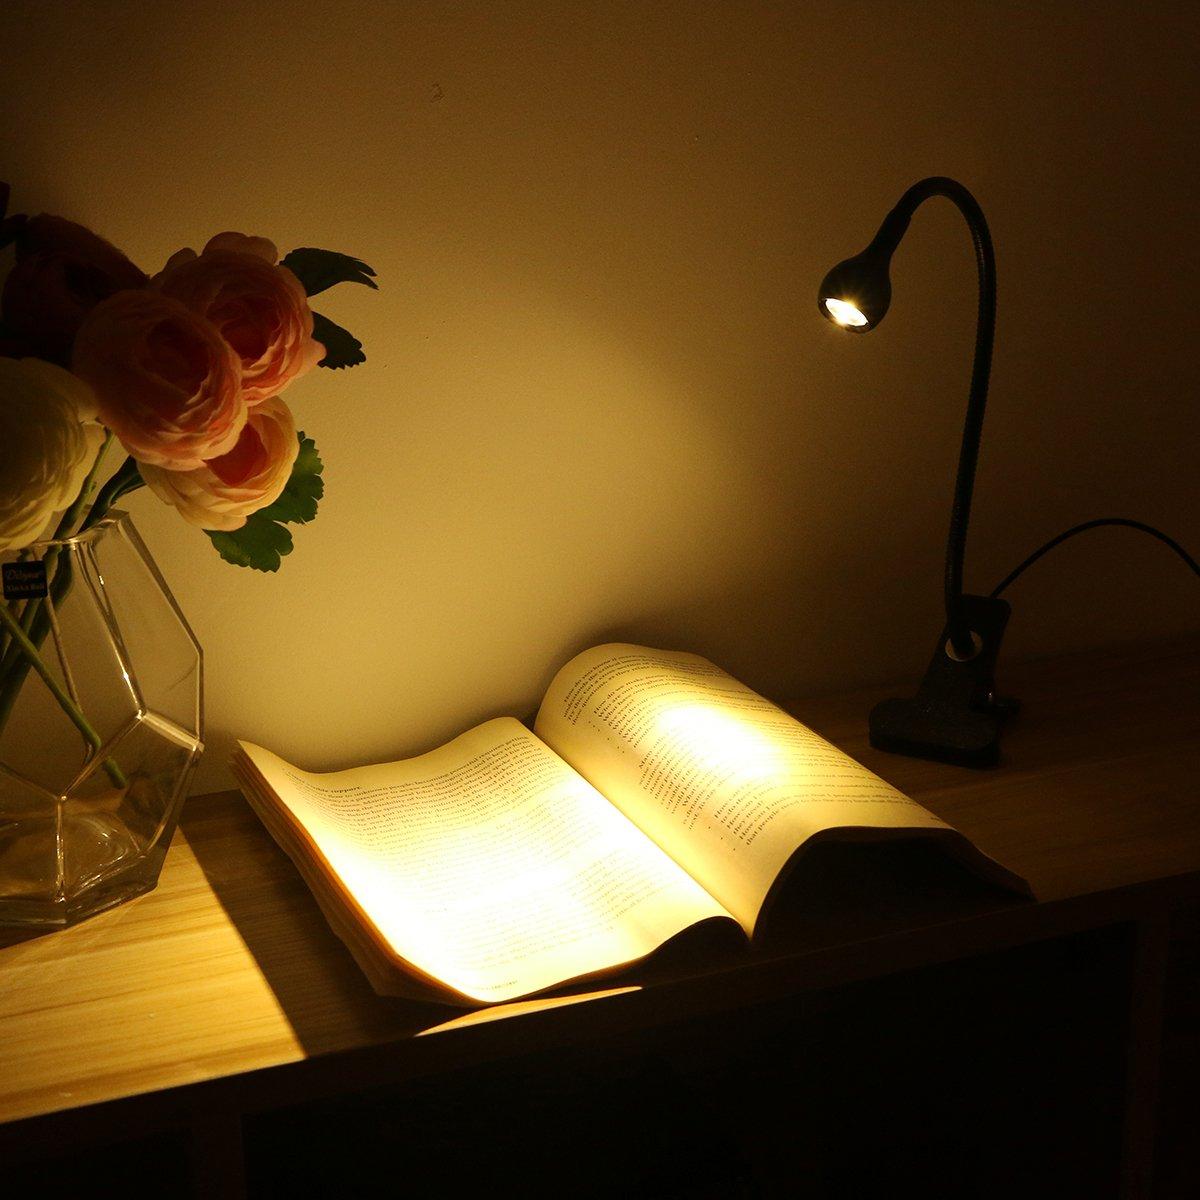 lampada da tavolo//lampada da tavolo per tavolo di scrivania ledmomo lampada di clip in lampada luce da letto comodino a letto e computadoras